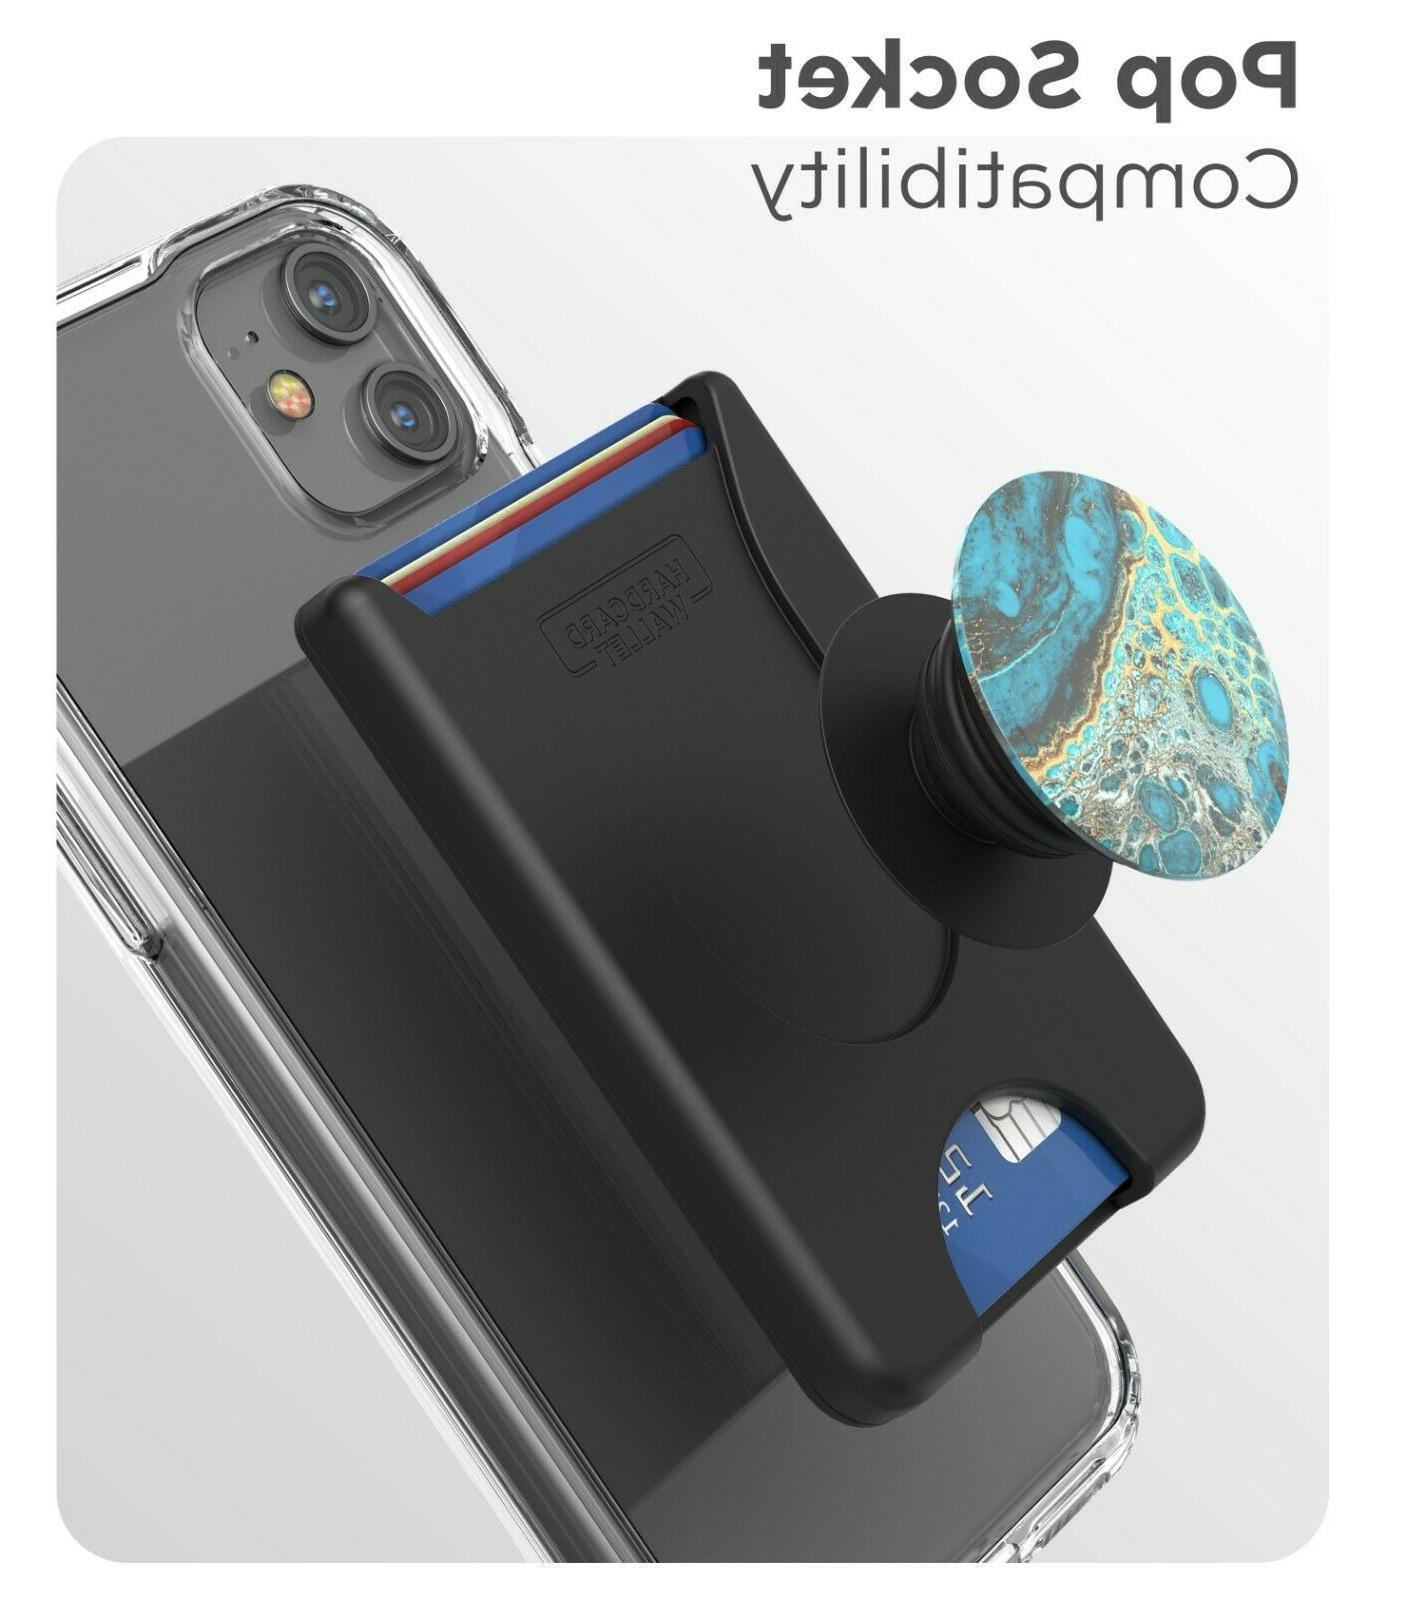 Encased Phone Stick Credit Card Holder - Works w/ Pop Grips